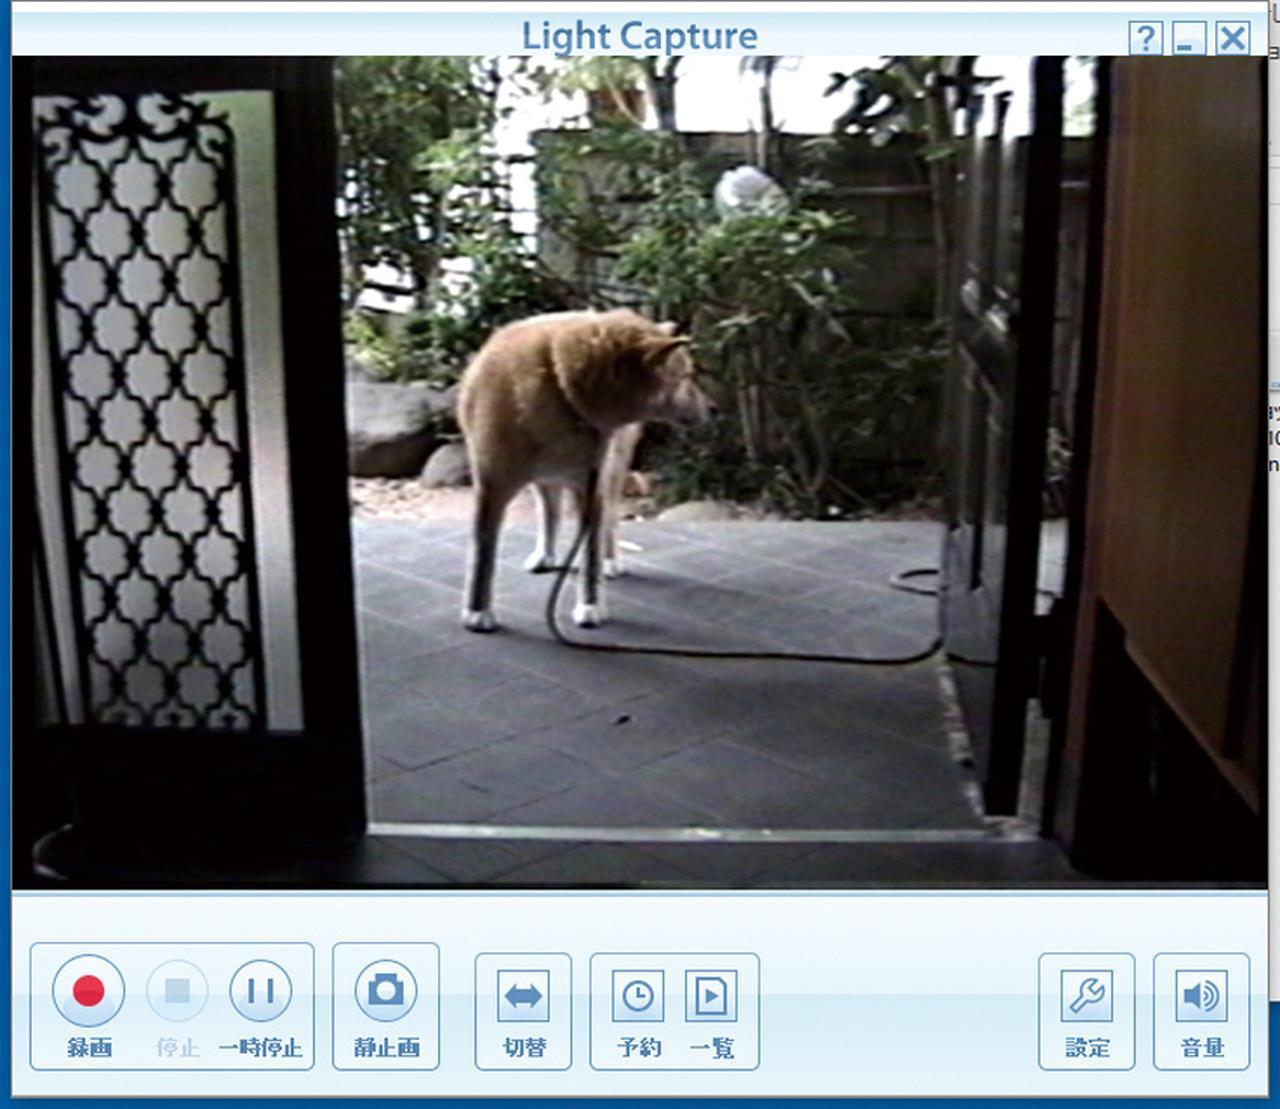 画像: ビデオテープの取り込みたい映像を再生し、録画を開始する。